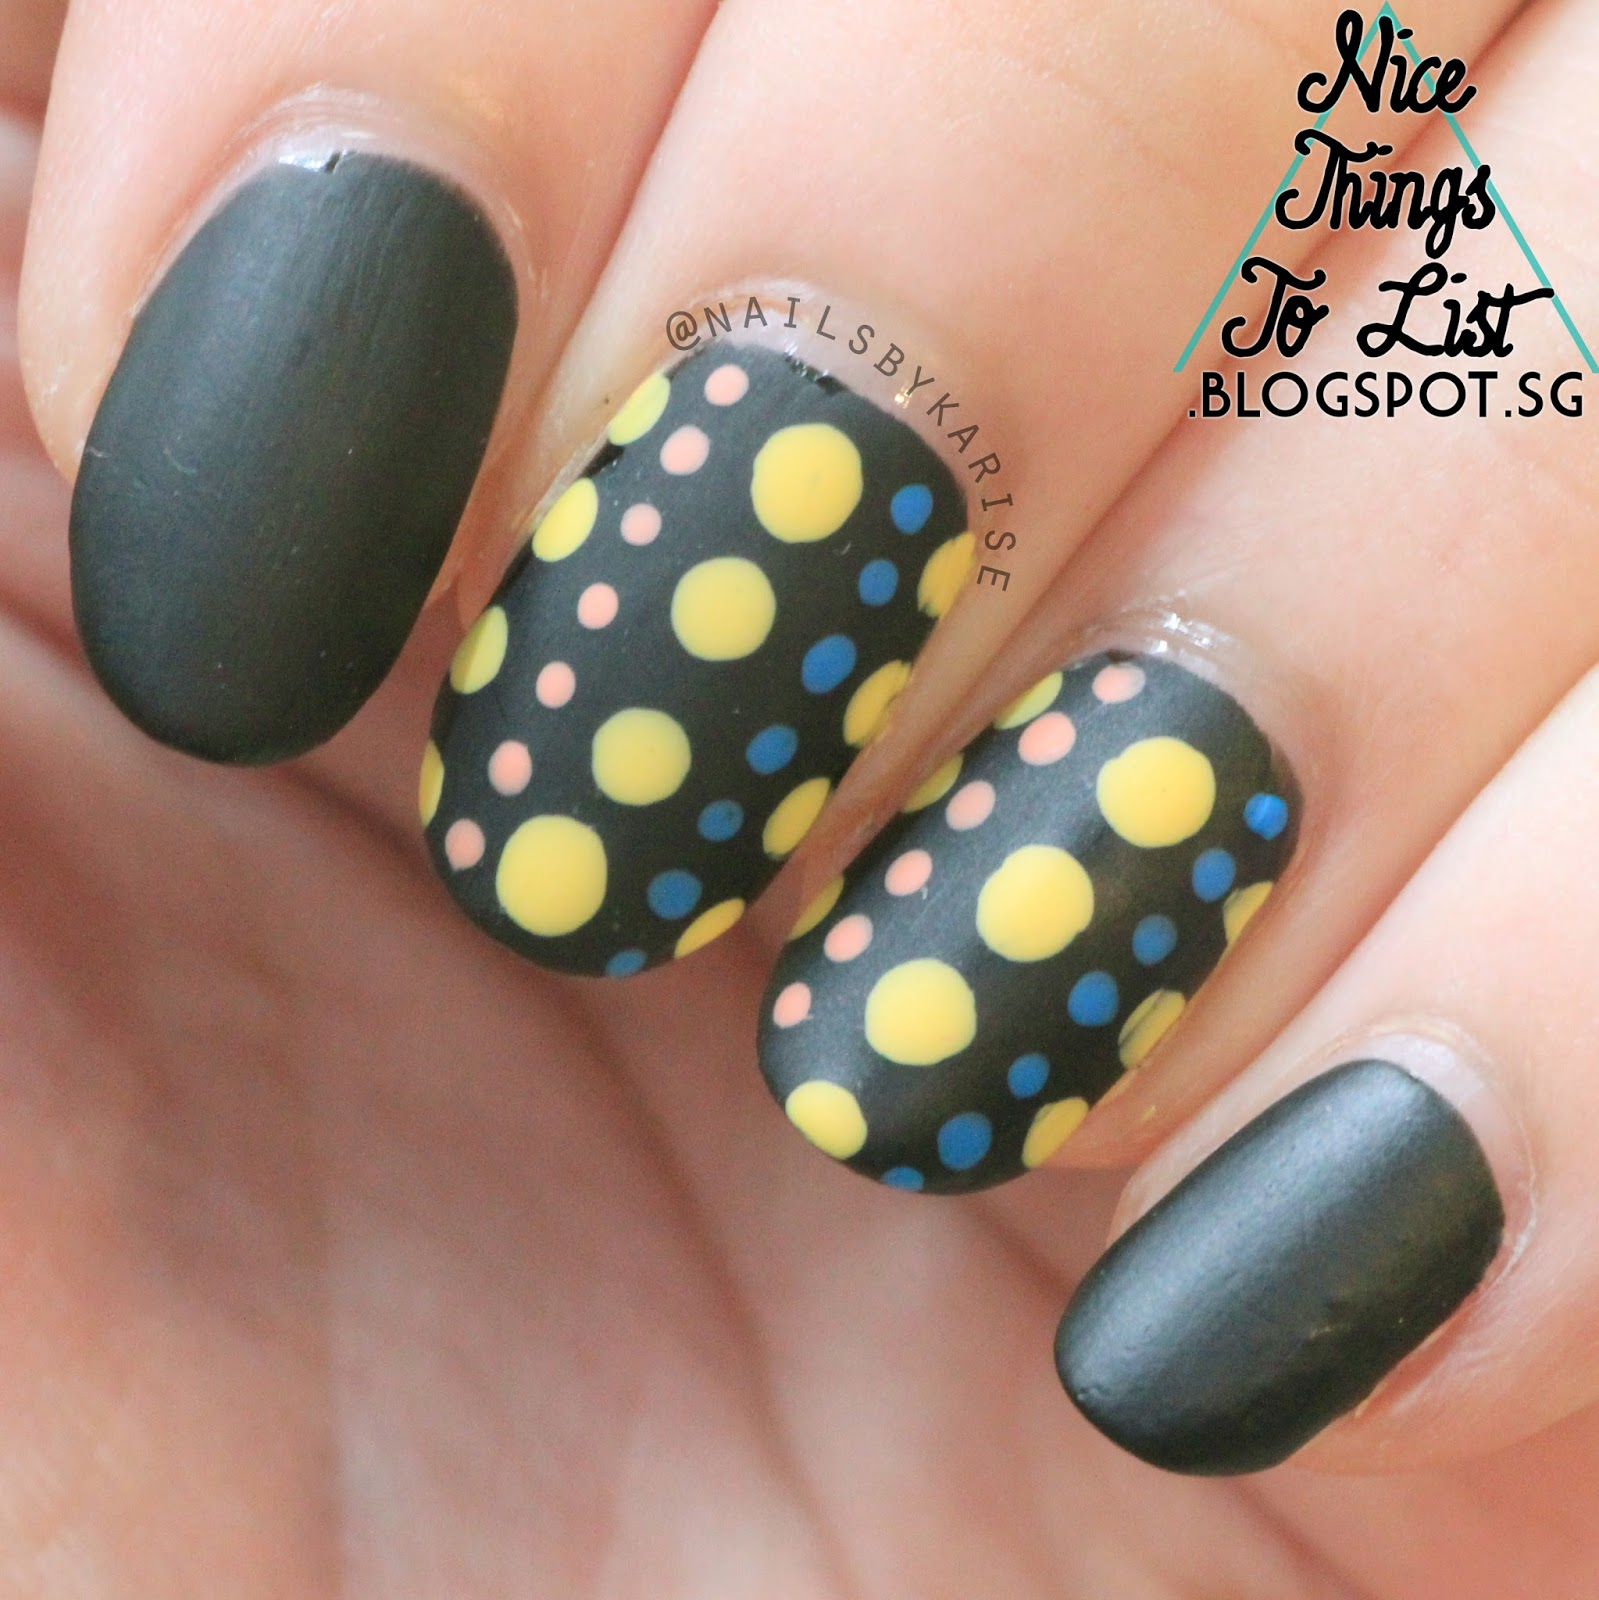 ... designs Camo Nails country girl camo YouTube - Cute Country Girl Nail Designs